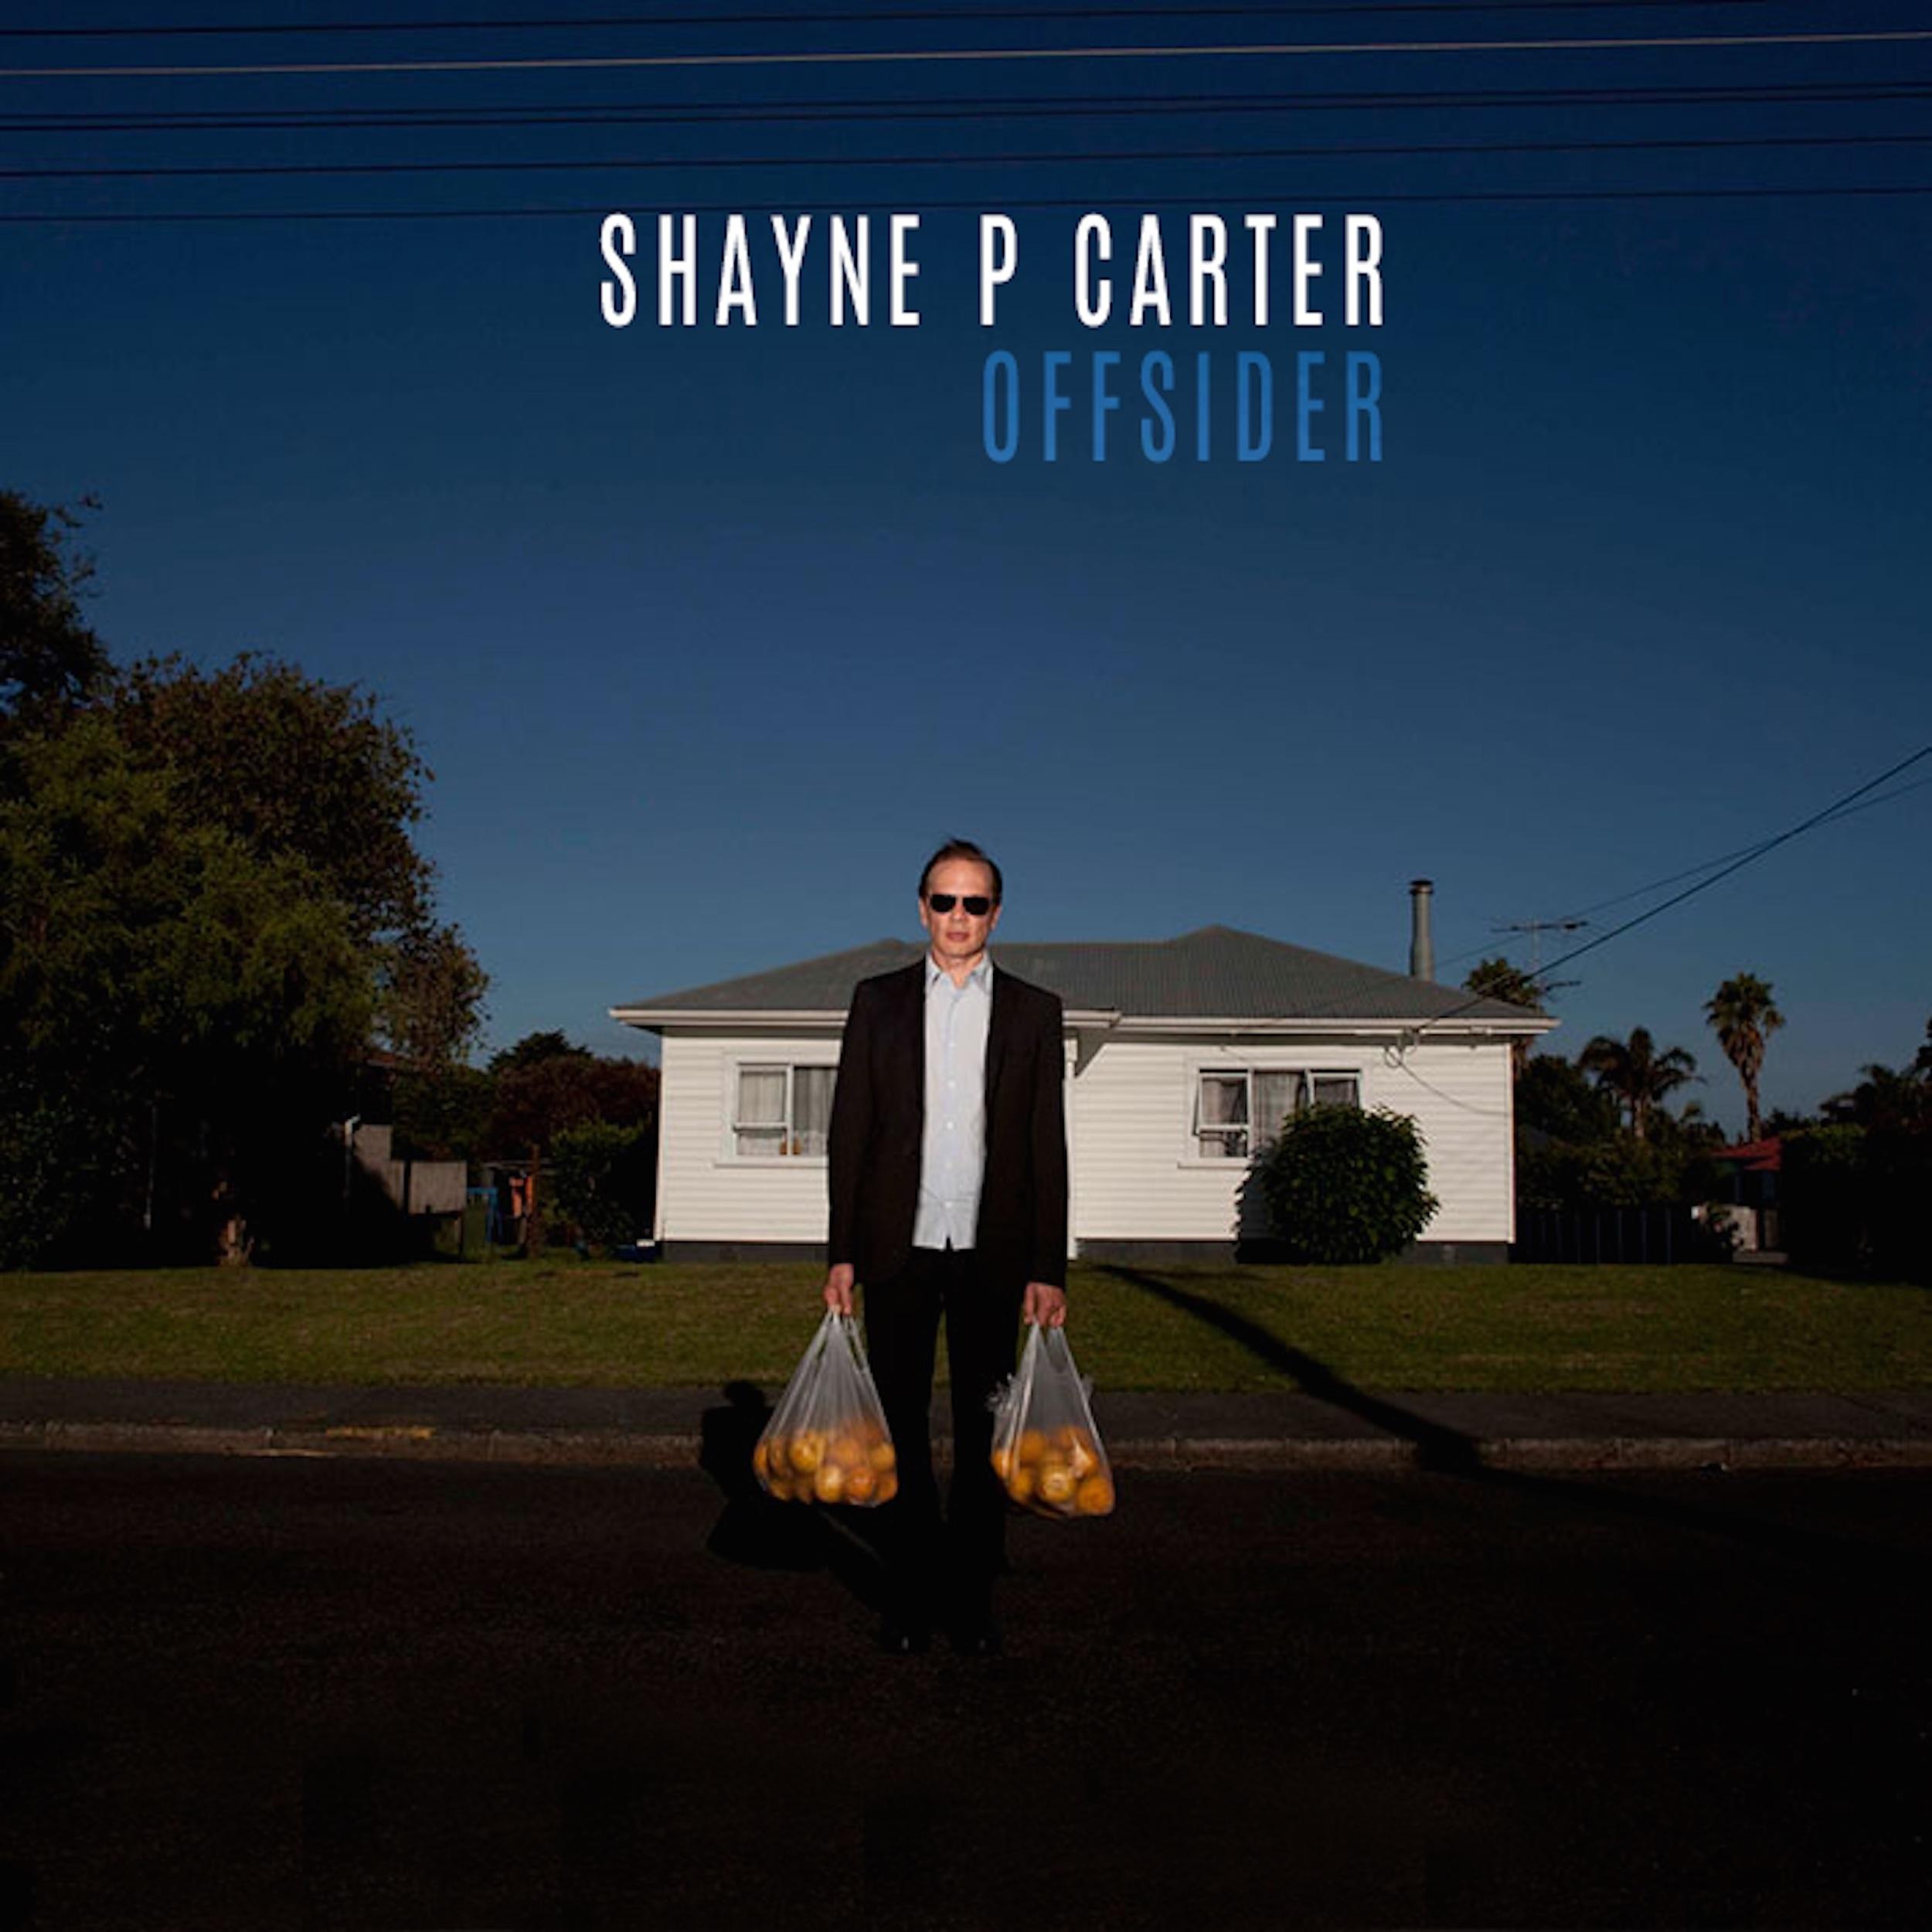 Shayne_P_Carter_Offsider_3000_copy.jpg